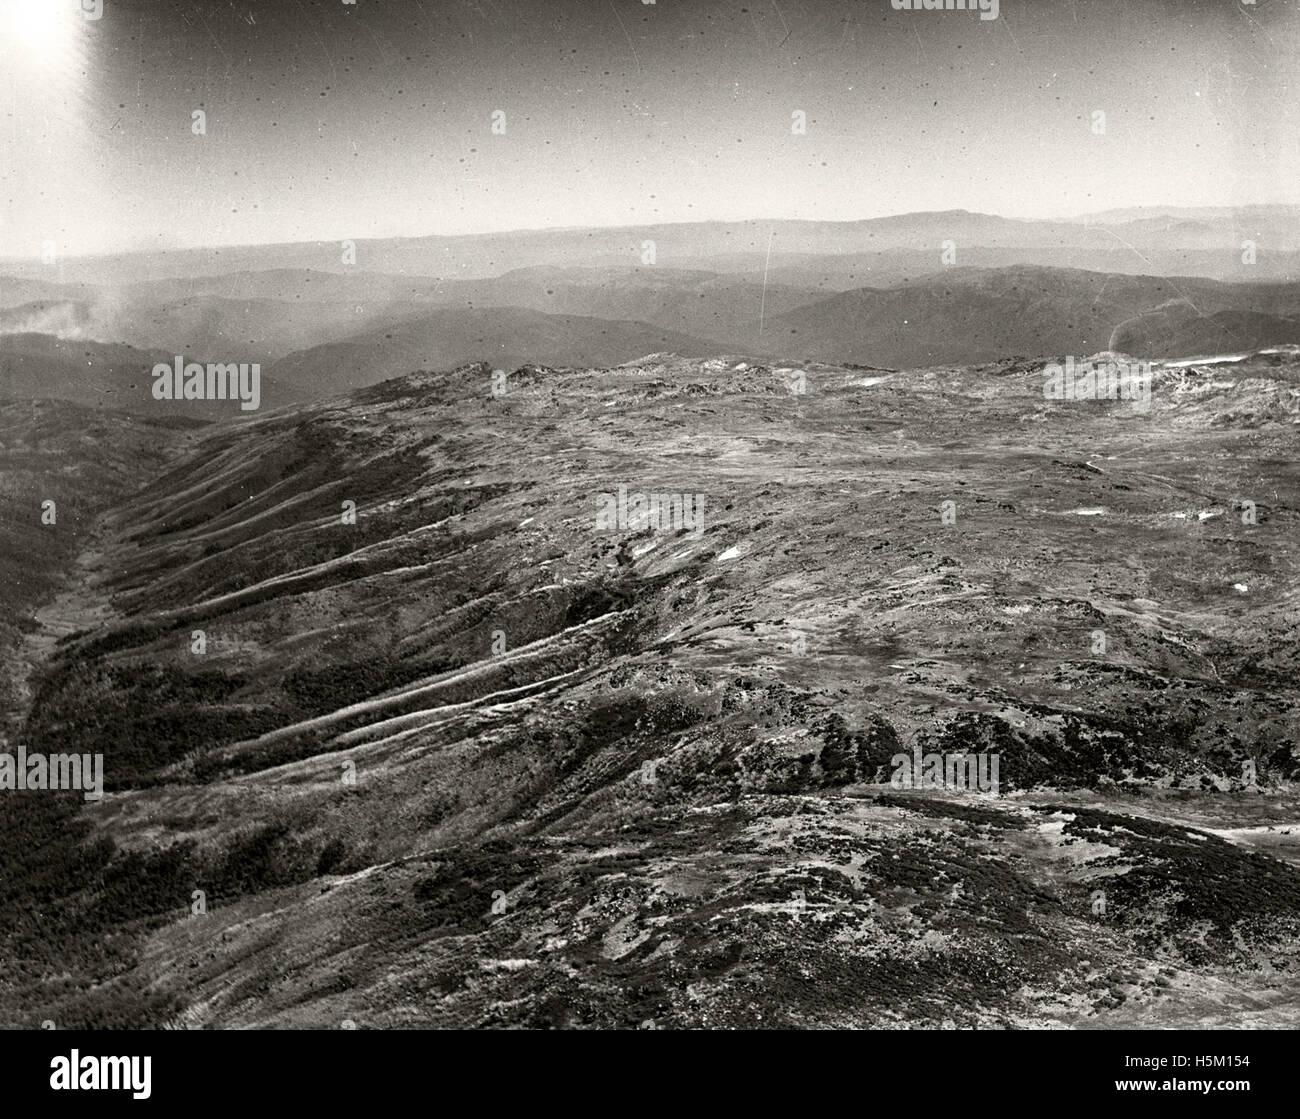 Kosciusko Summit - 11 March 1937 - Stock Image